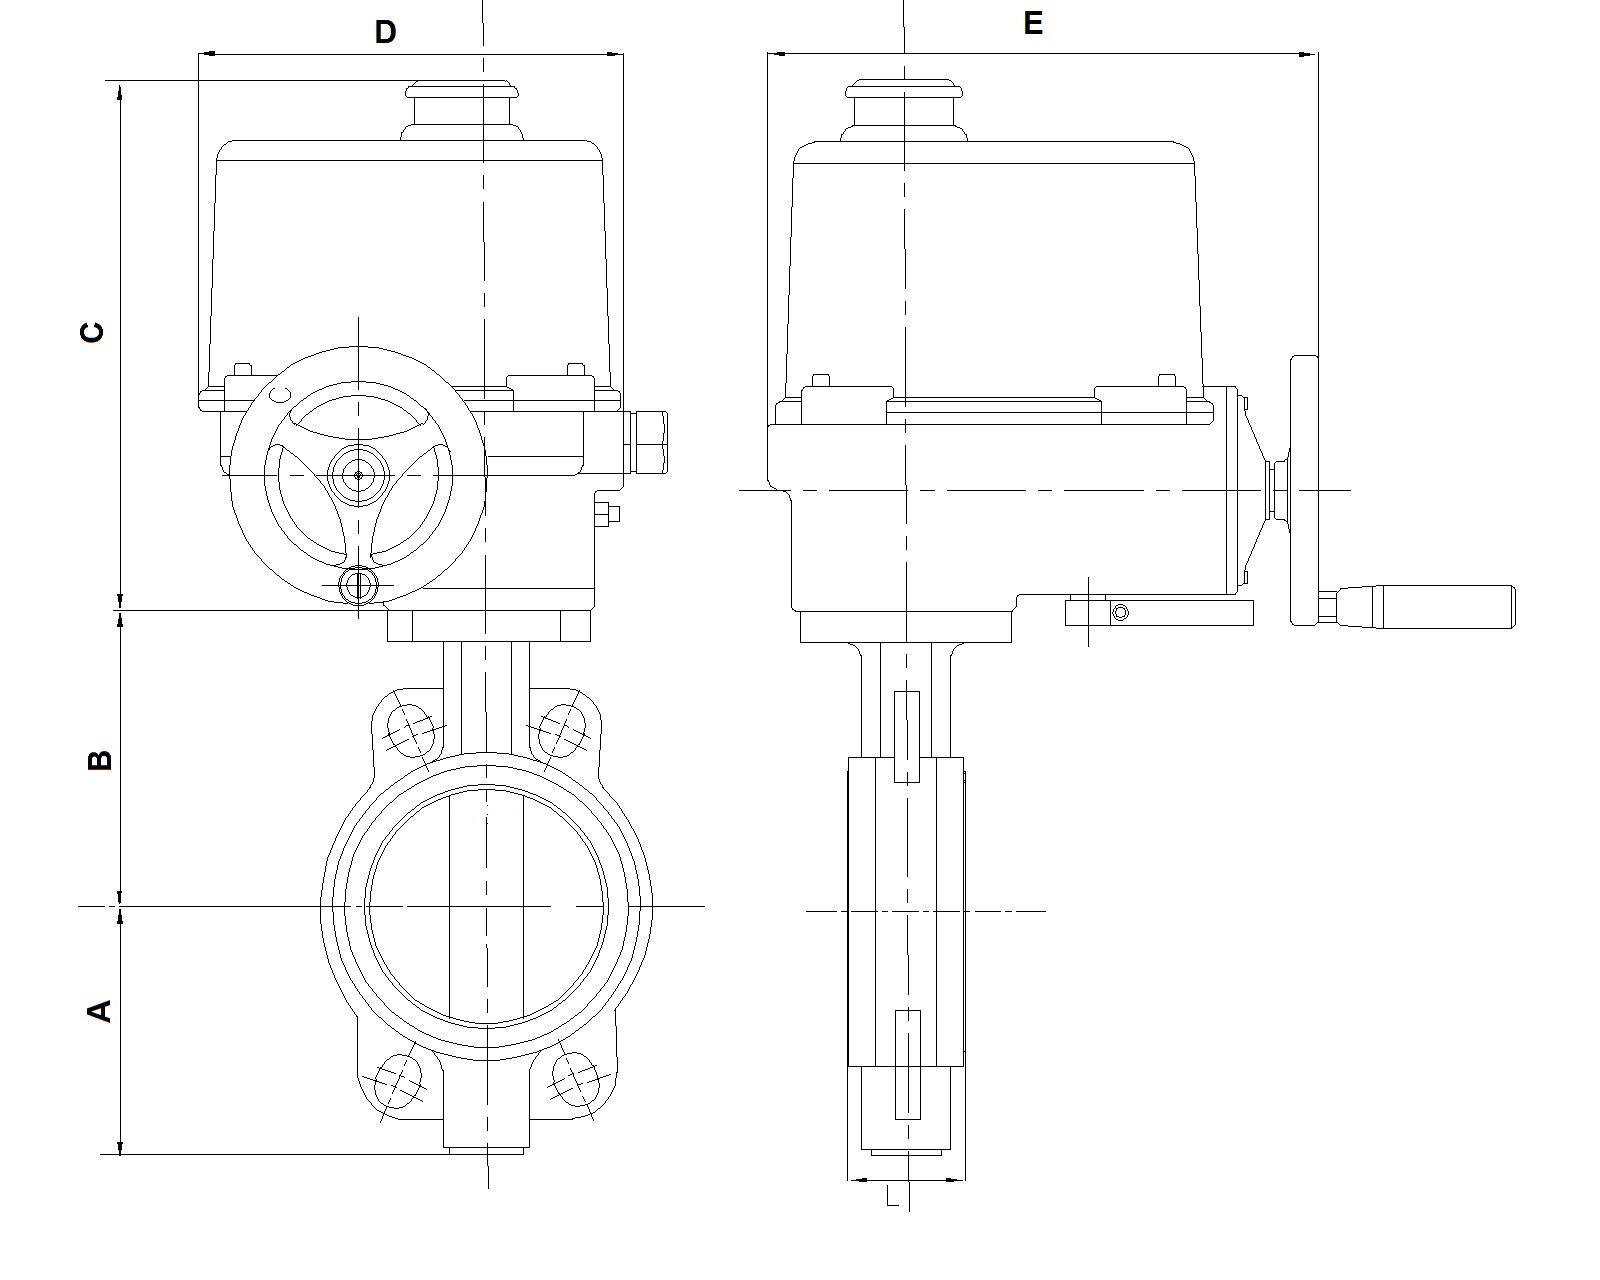 Чертеж габаритный. Затвор дисковый с электроприводом 3х380В. Затвор поворотный 3х380В. ABRA BUV-VFхххDхххEAGZ с электроприводом ГЗ ОФК и ГЗ ОФМ Электропривод 3х380В